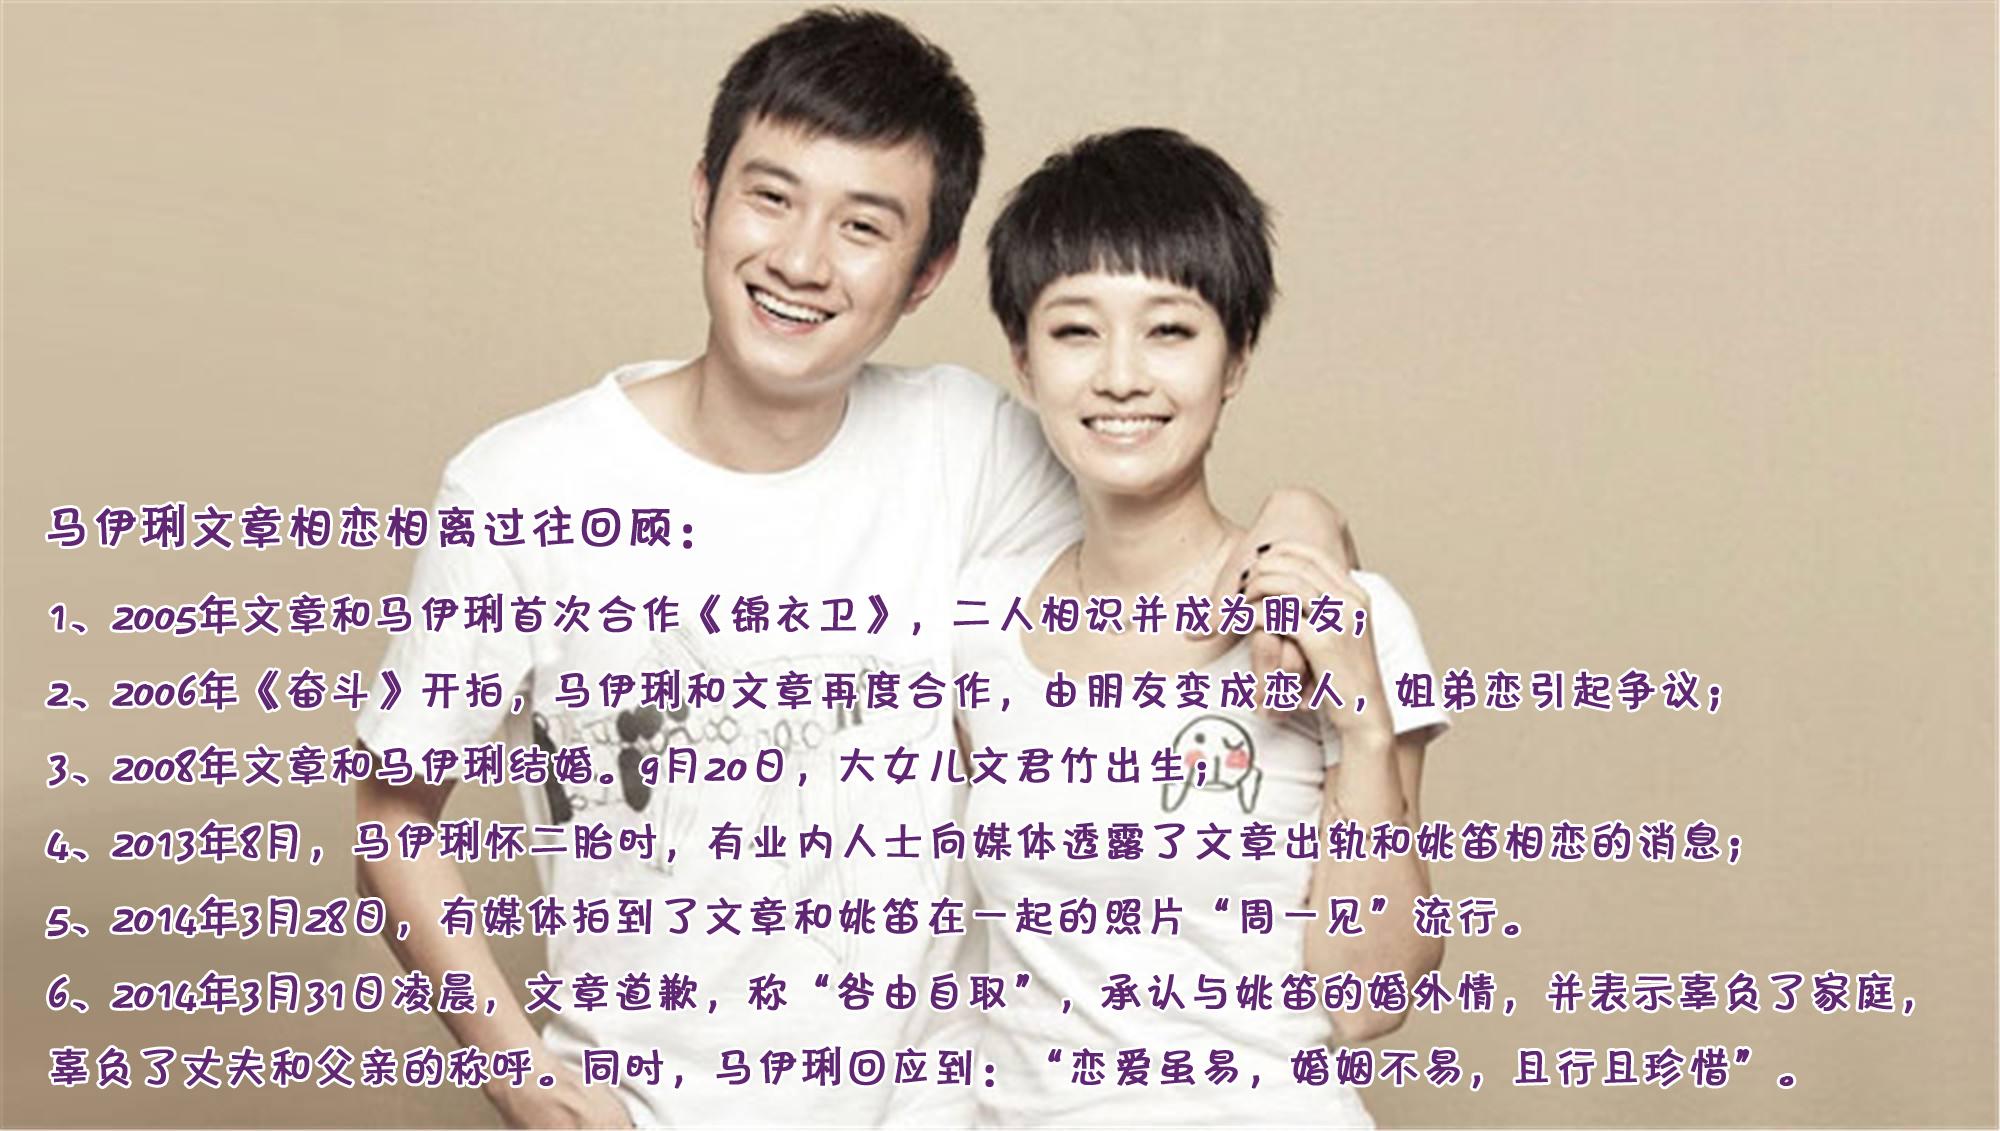 文章马伊琍宣布结束11年婚姻 昔日恩爱令人唏嘘